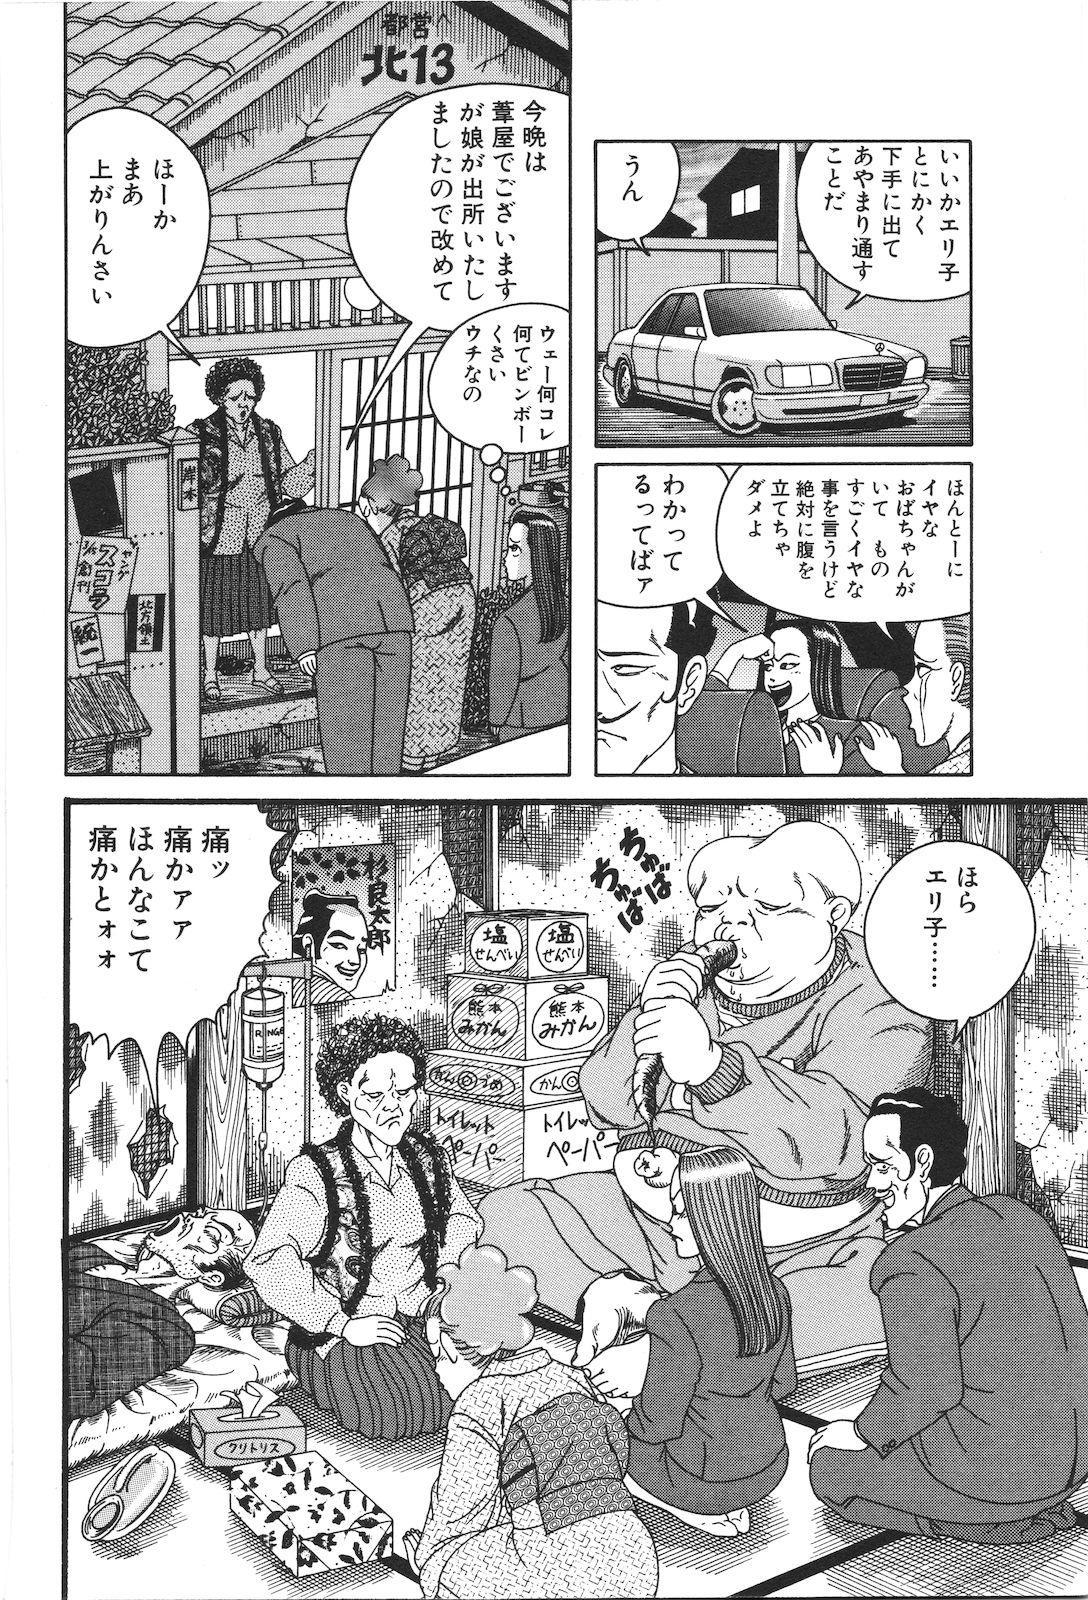 Dobusarai Gekijou 13